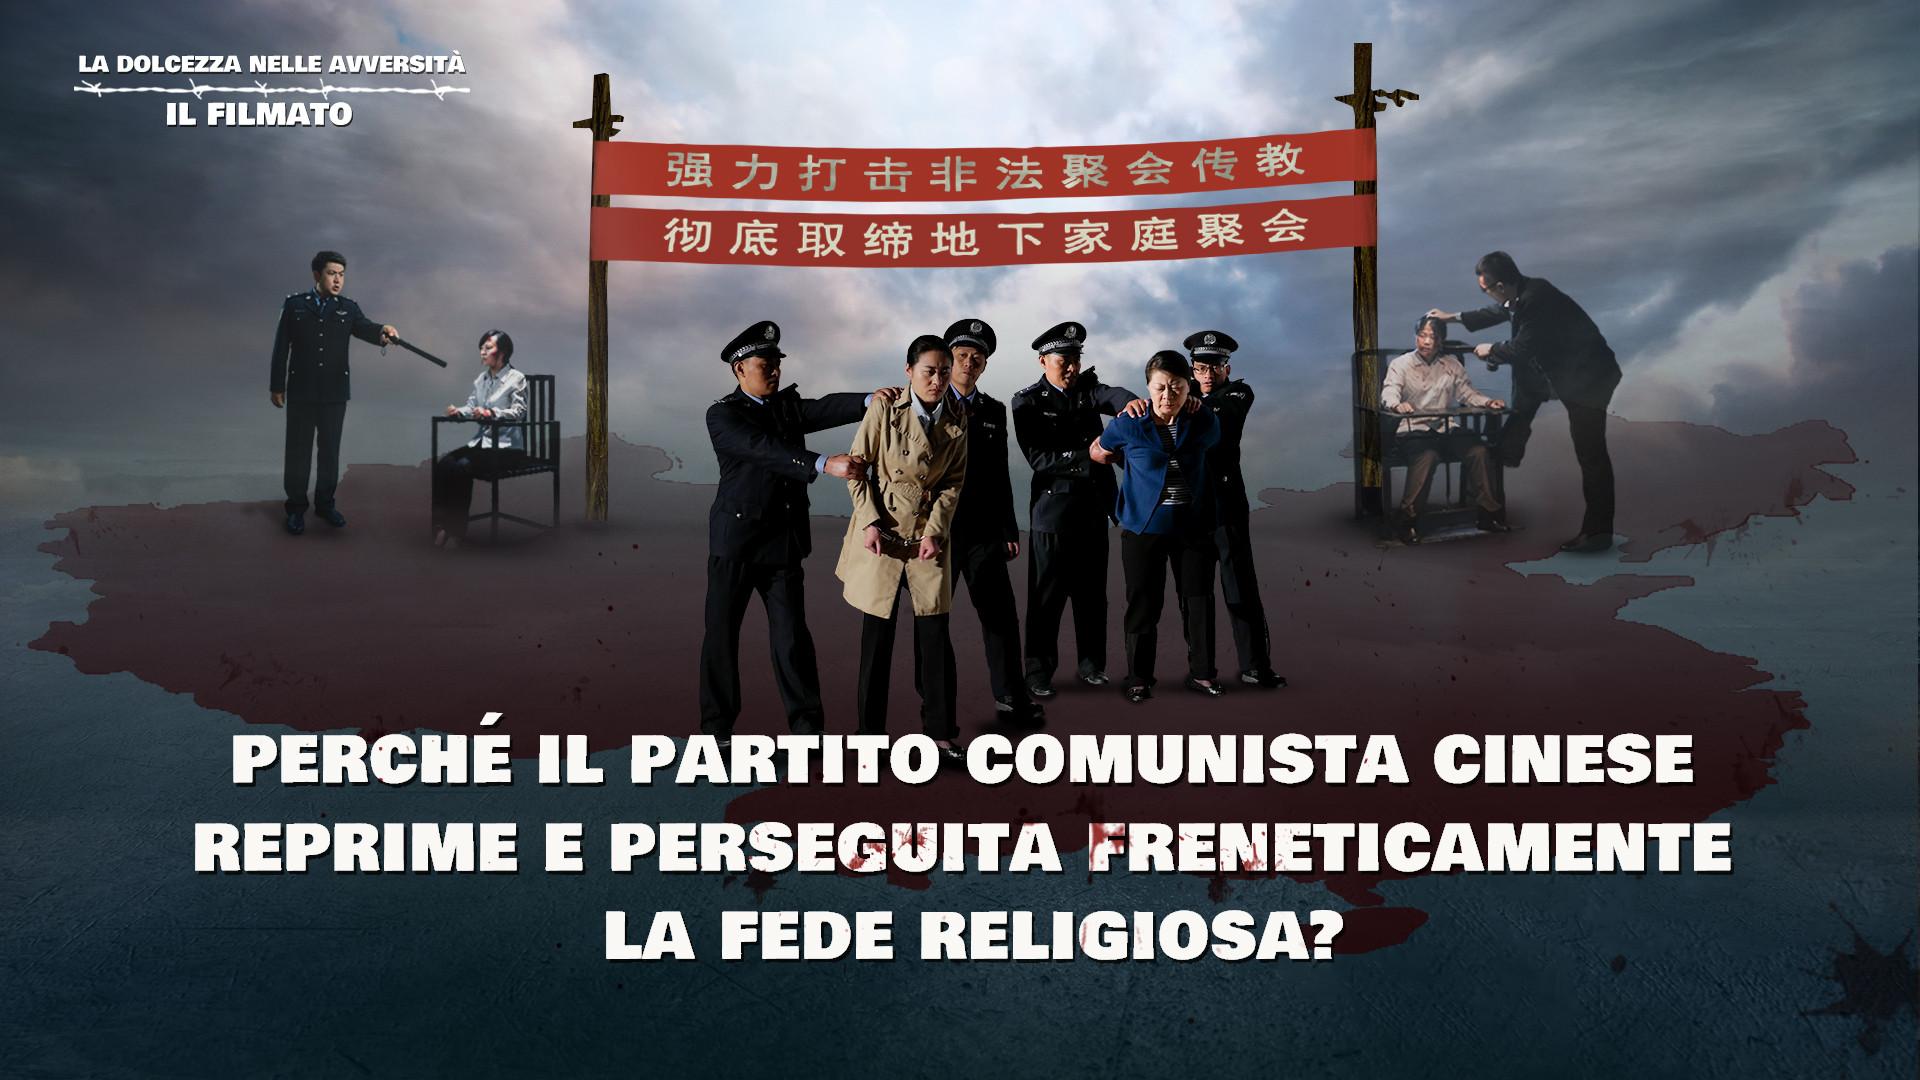 Perché il Partito Comunista Cinese reprime e perseguita freneticamente la fede religiosa